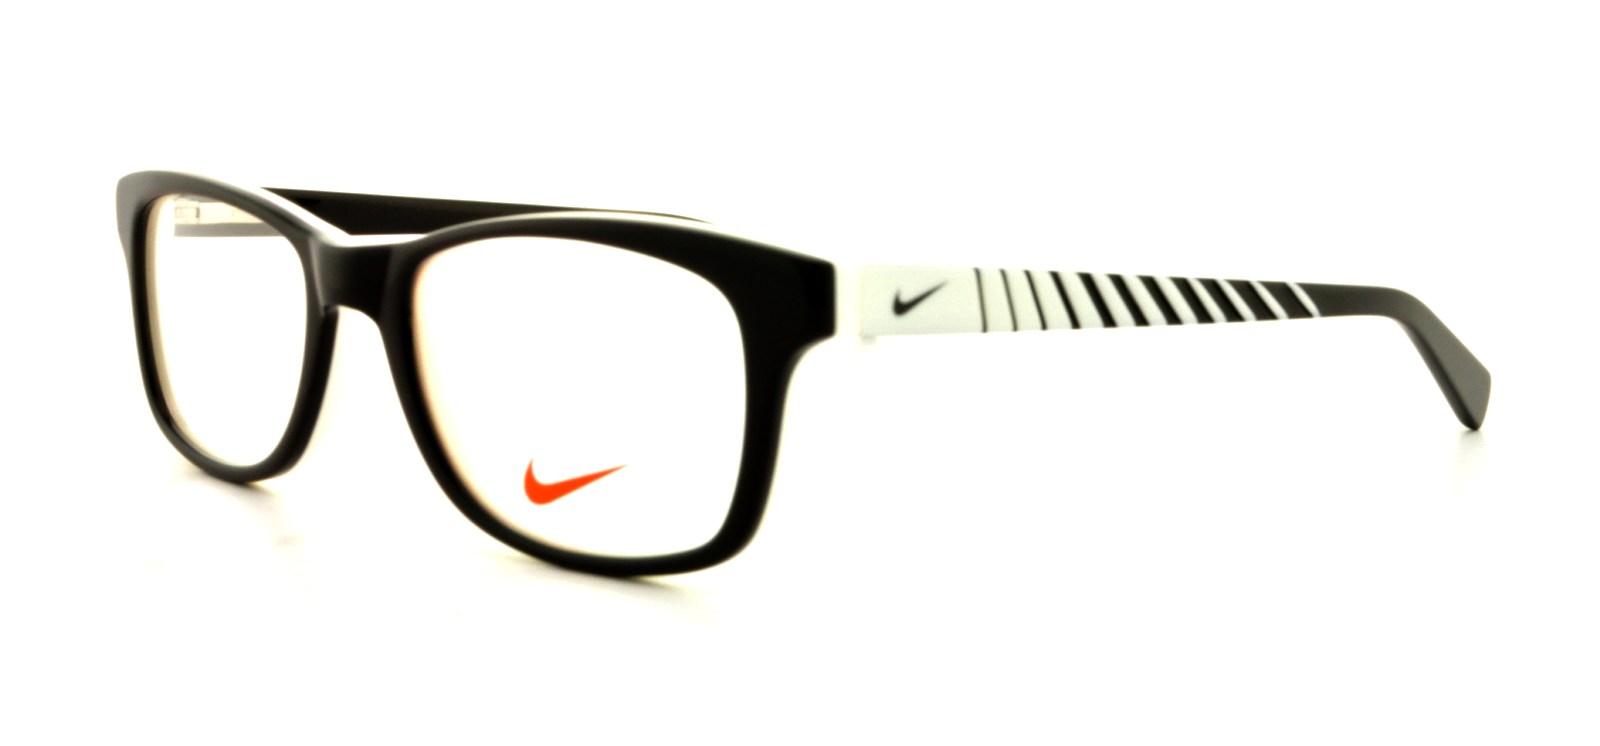 d37f32ea209 Designer Frames Outlet. Nike 5509